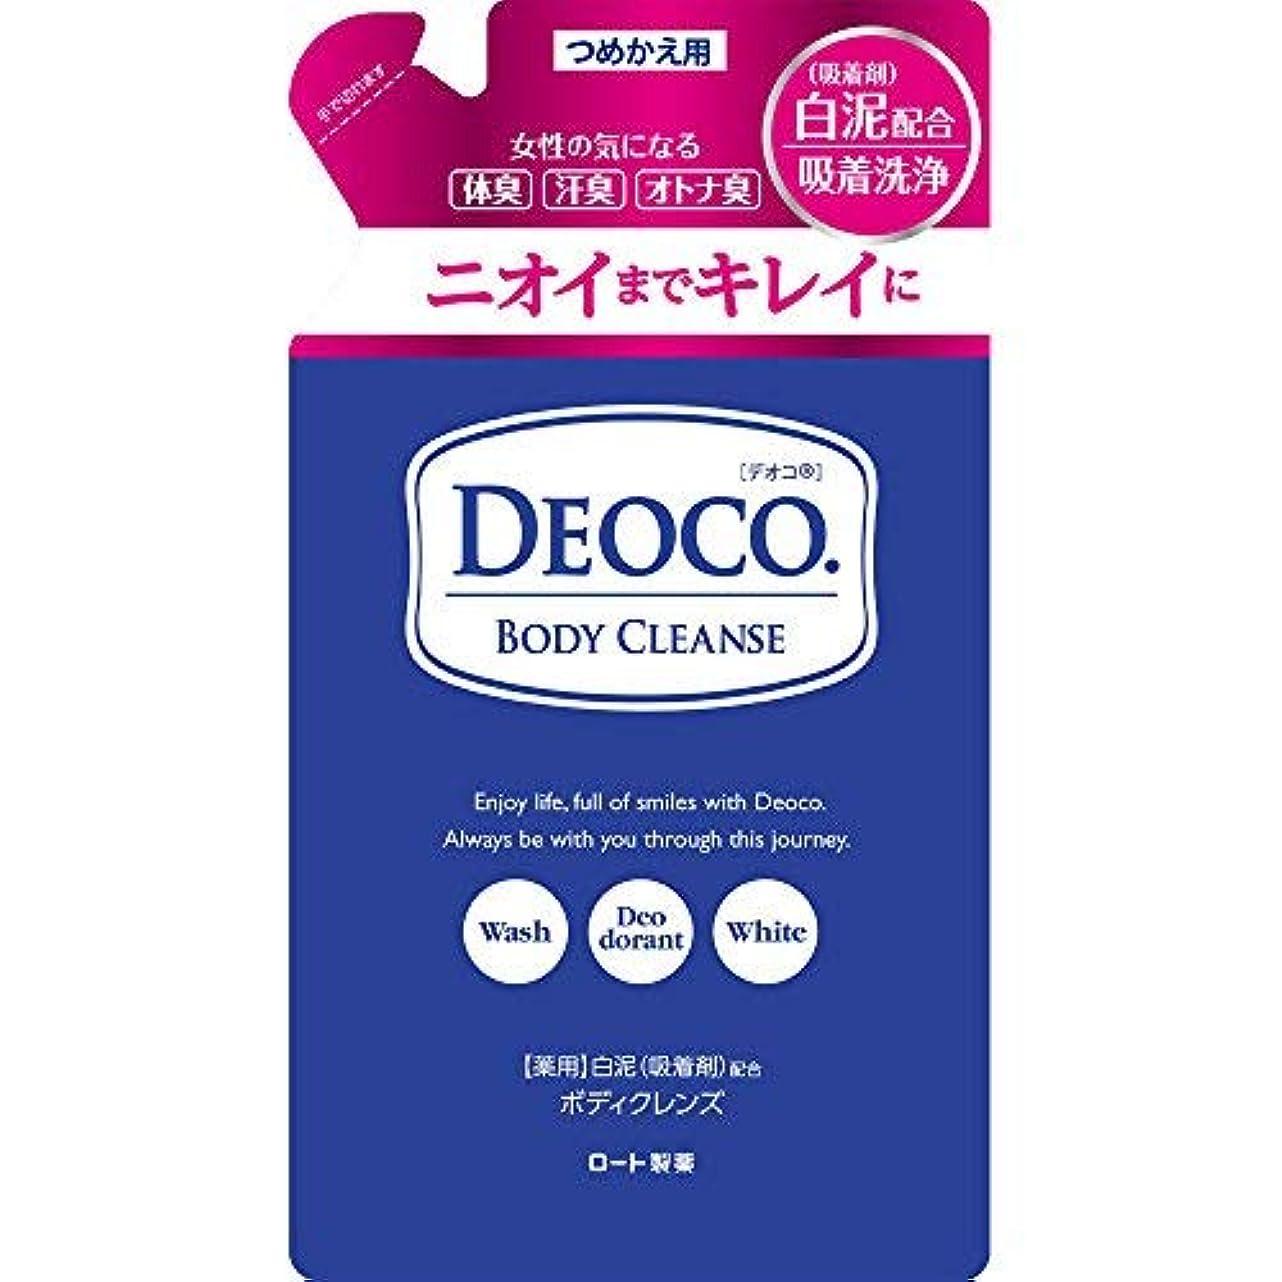 ためらうみ船乗りロート製薬 デオコ DEOCO 薬用 ボディクレンズ 詰め替え 250ml × 5個セット